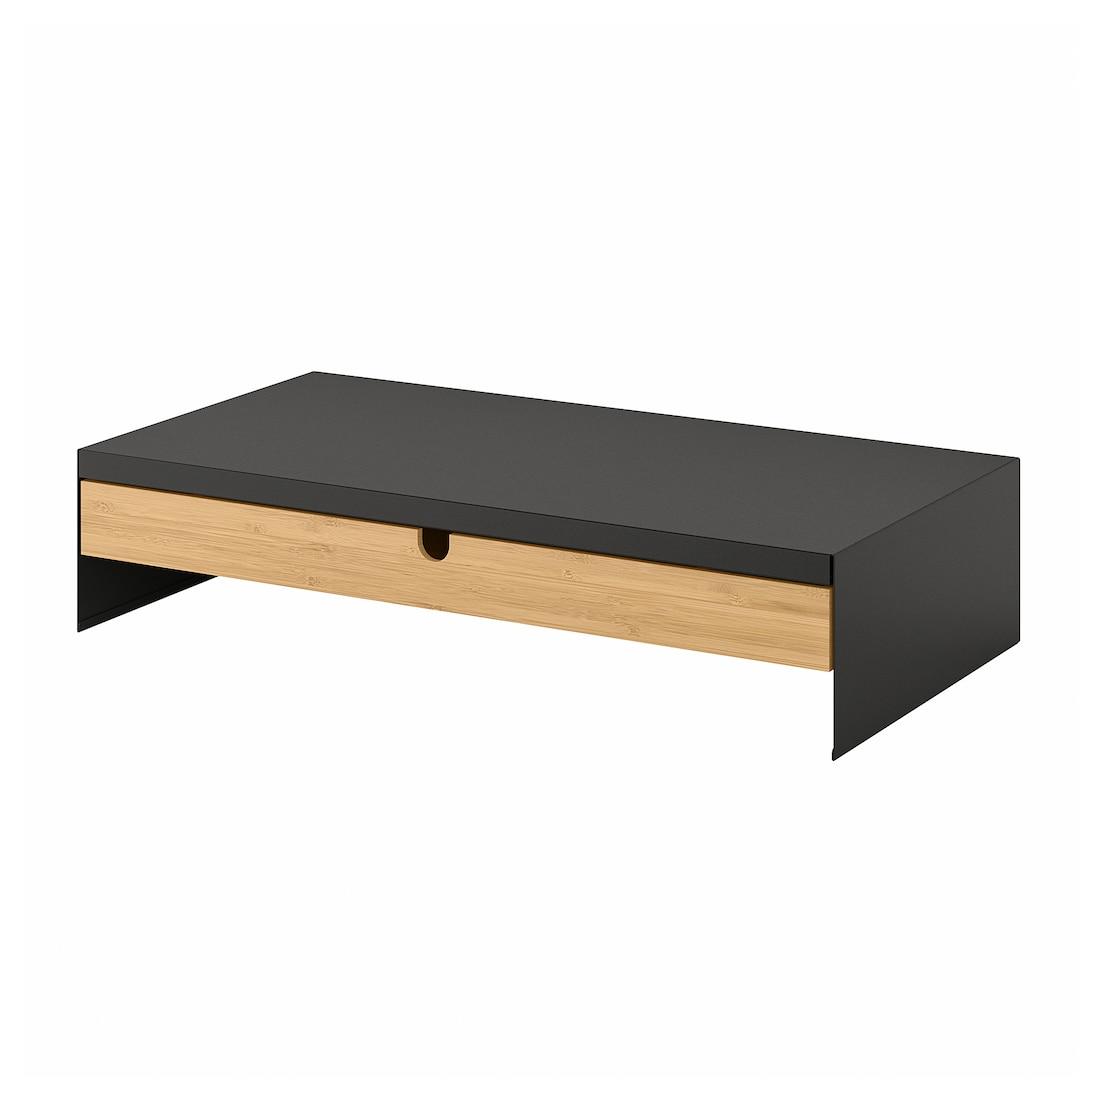 ELLOVEN Supporto per monitor con cassetto, bianco - IKEA ...